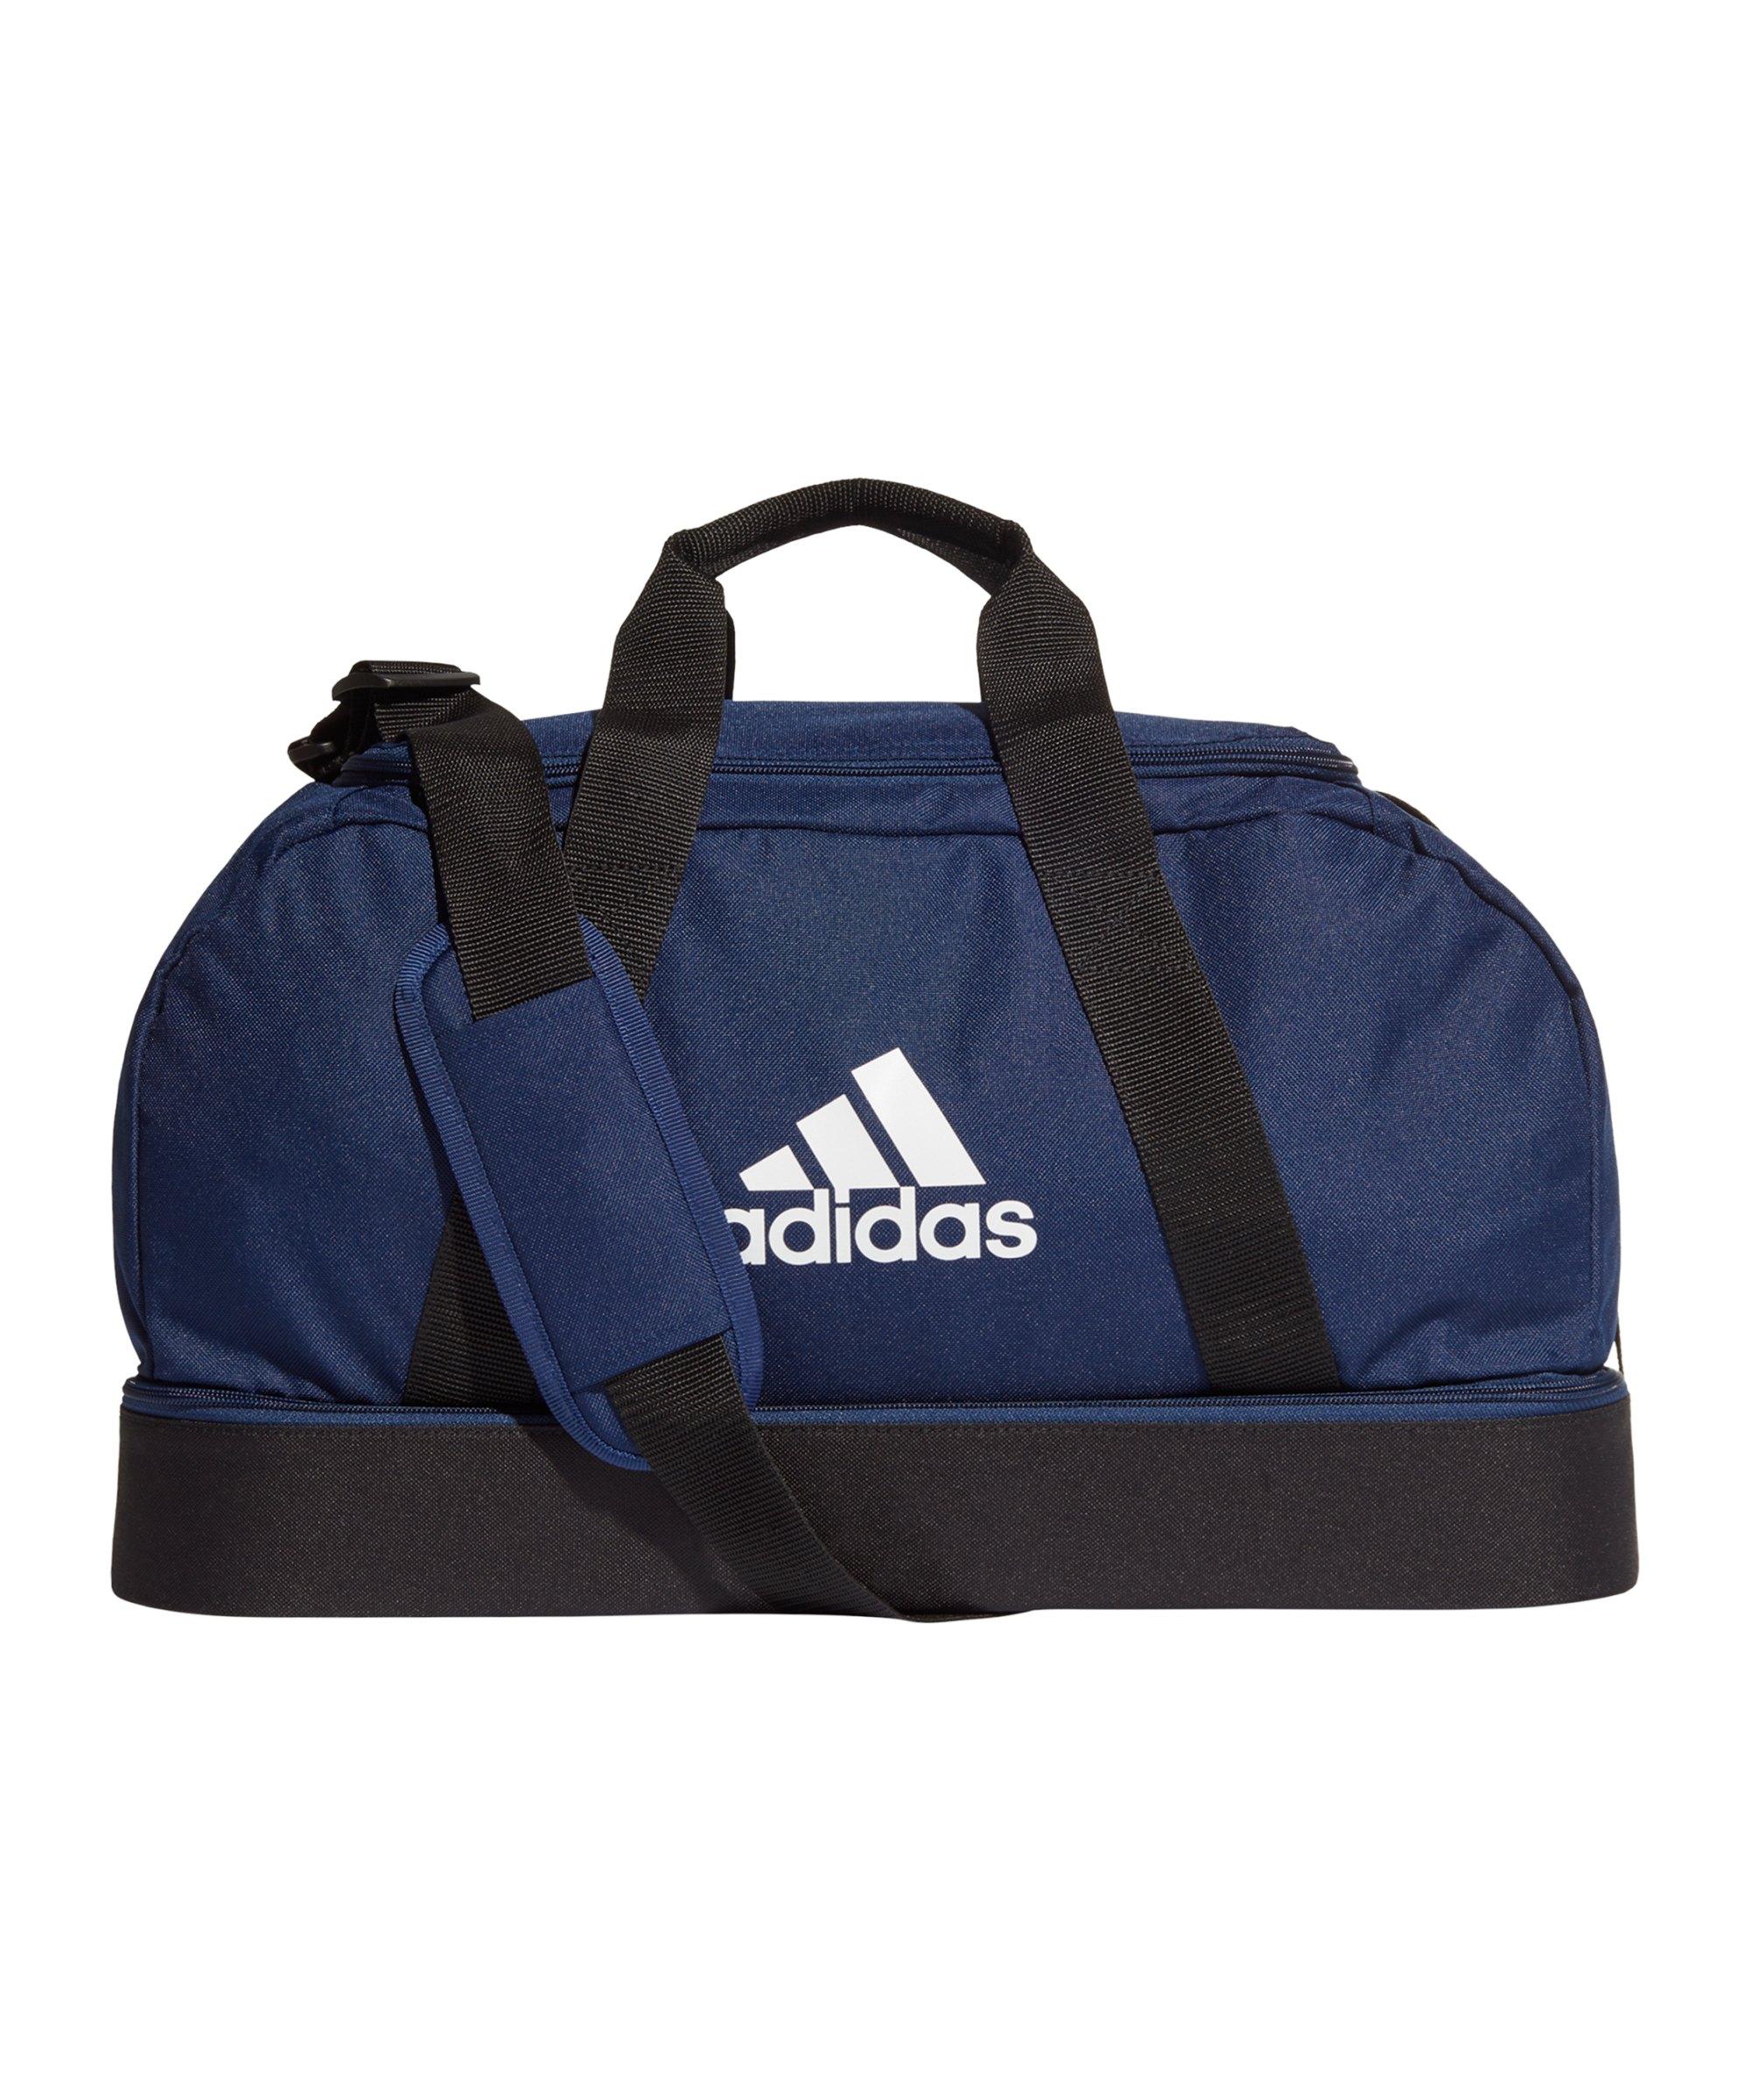 adidas Tiro Duffel Bag Gr. S mit Bodenfach Blau - blau